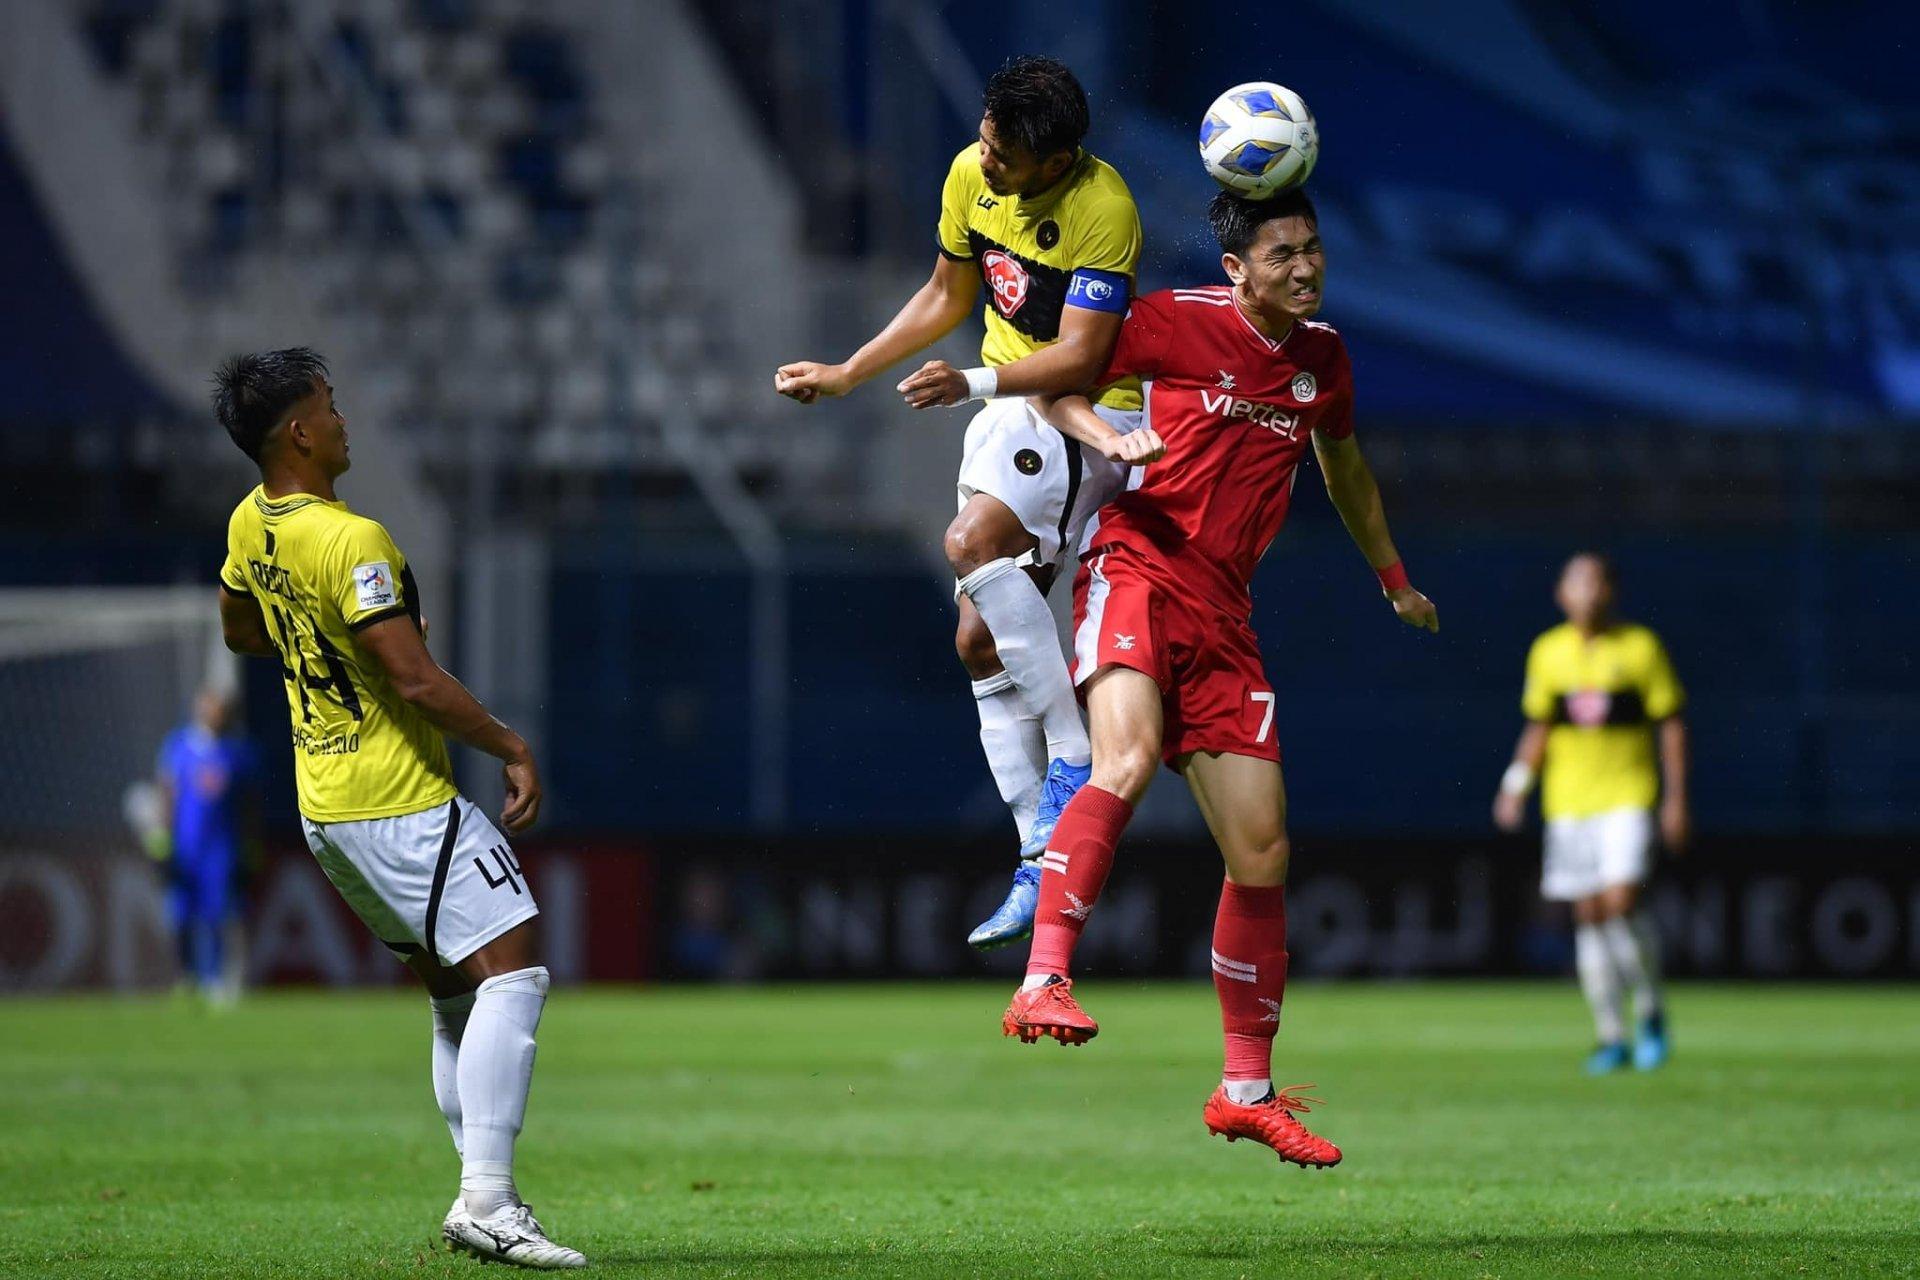 Đè bẹp Kaya, Viettel FC giành thắng lợi lịch sử tại AFC Champions League - VTC Now